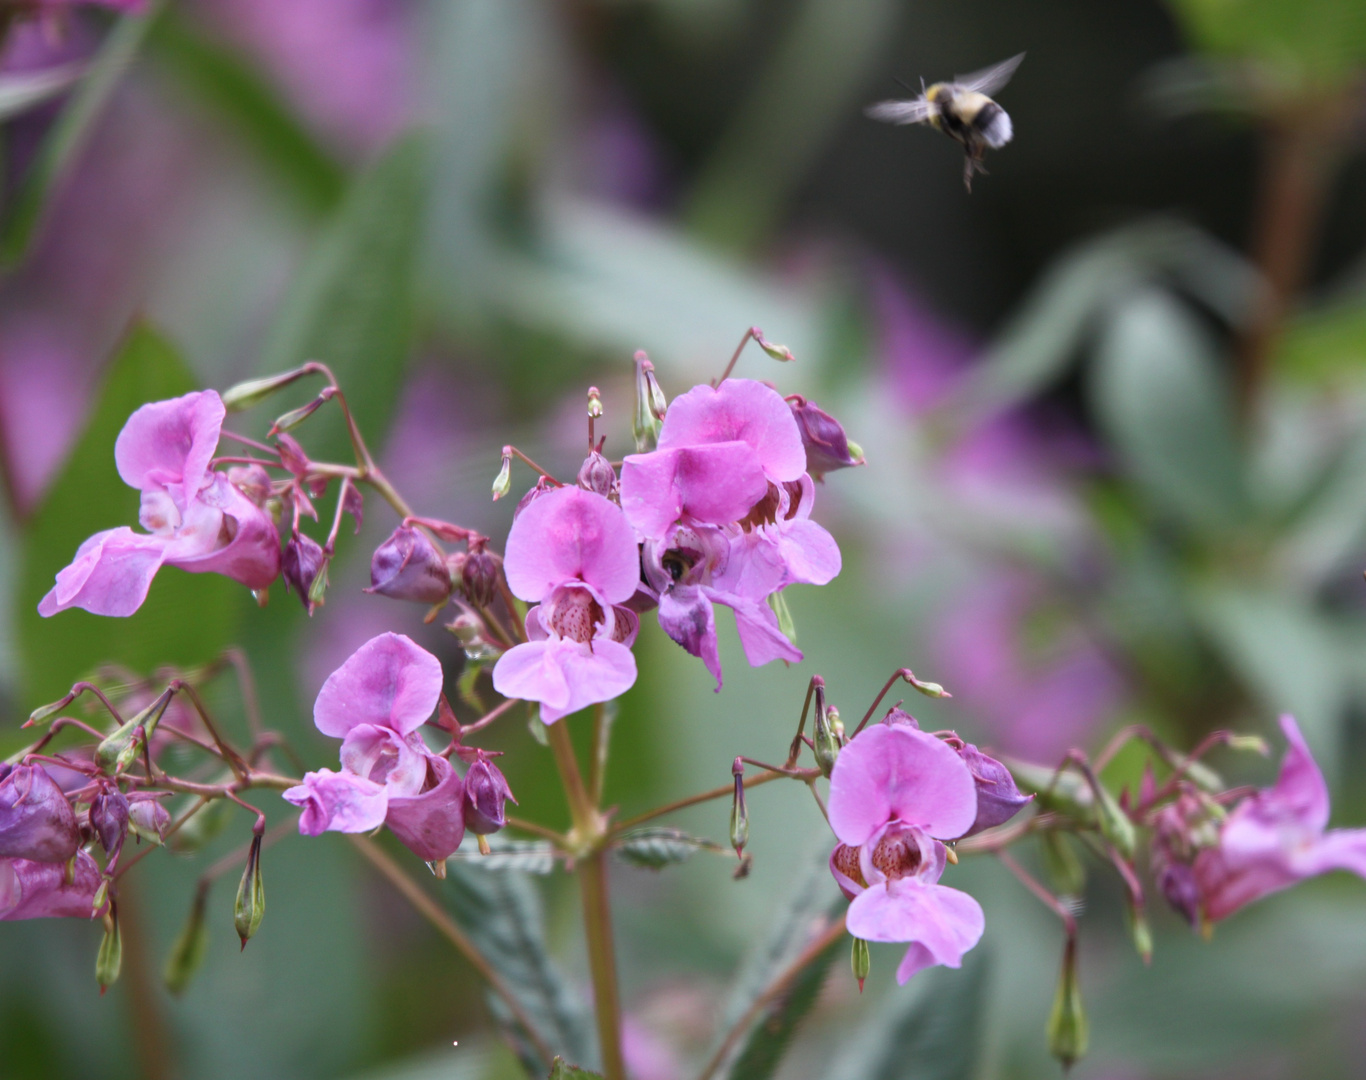 Blüte mit Hummel im Anflug